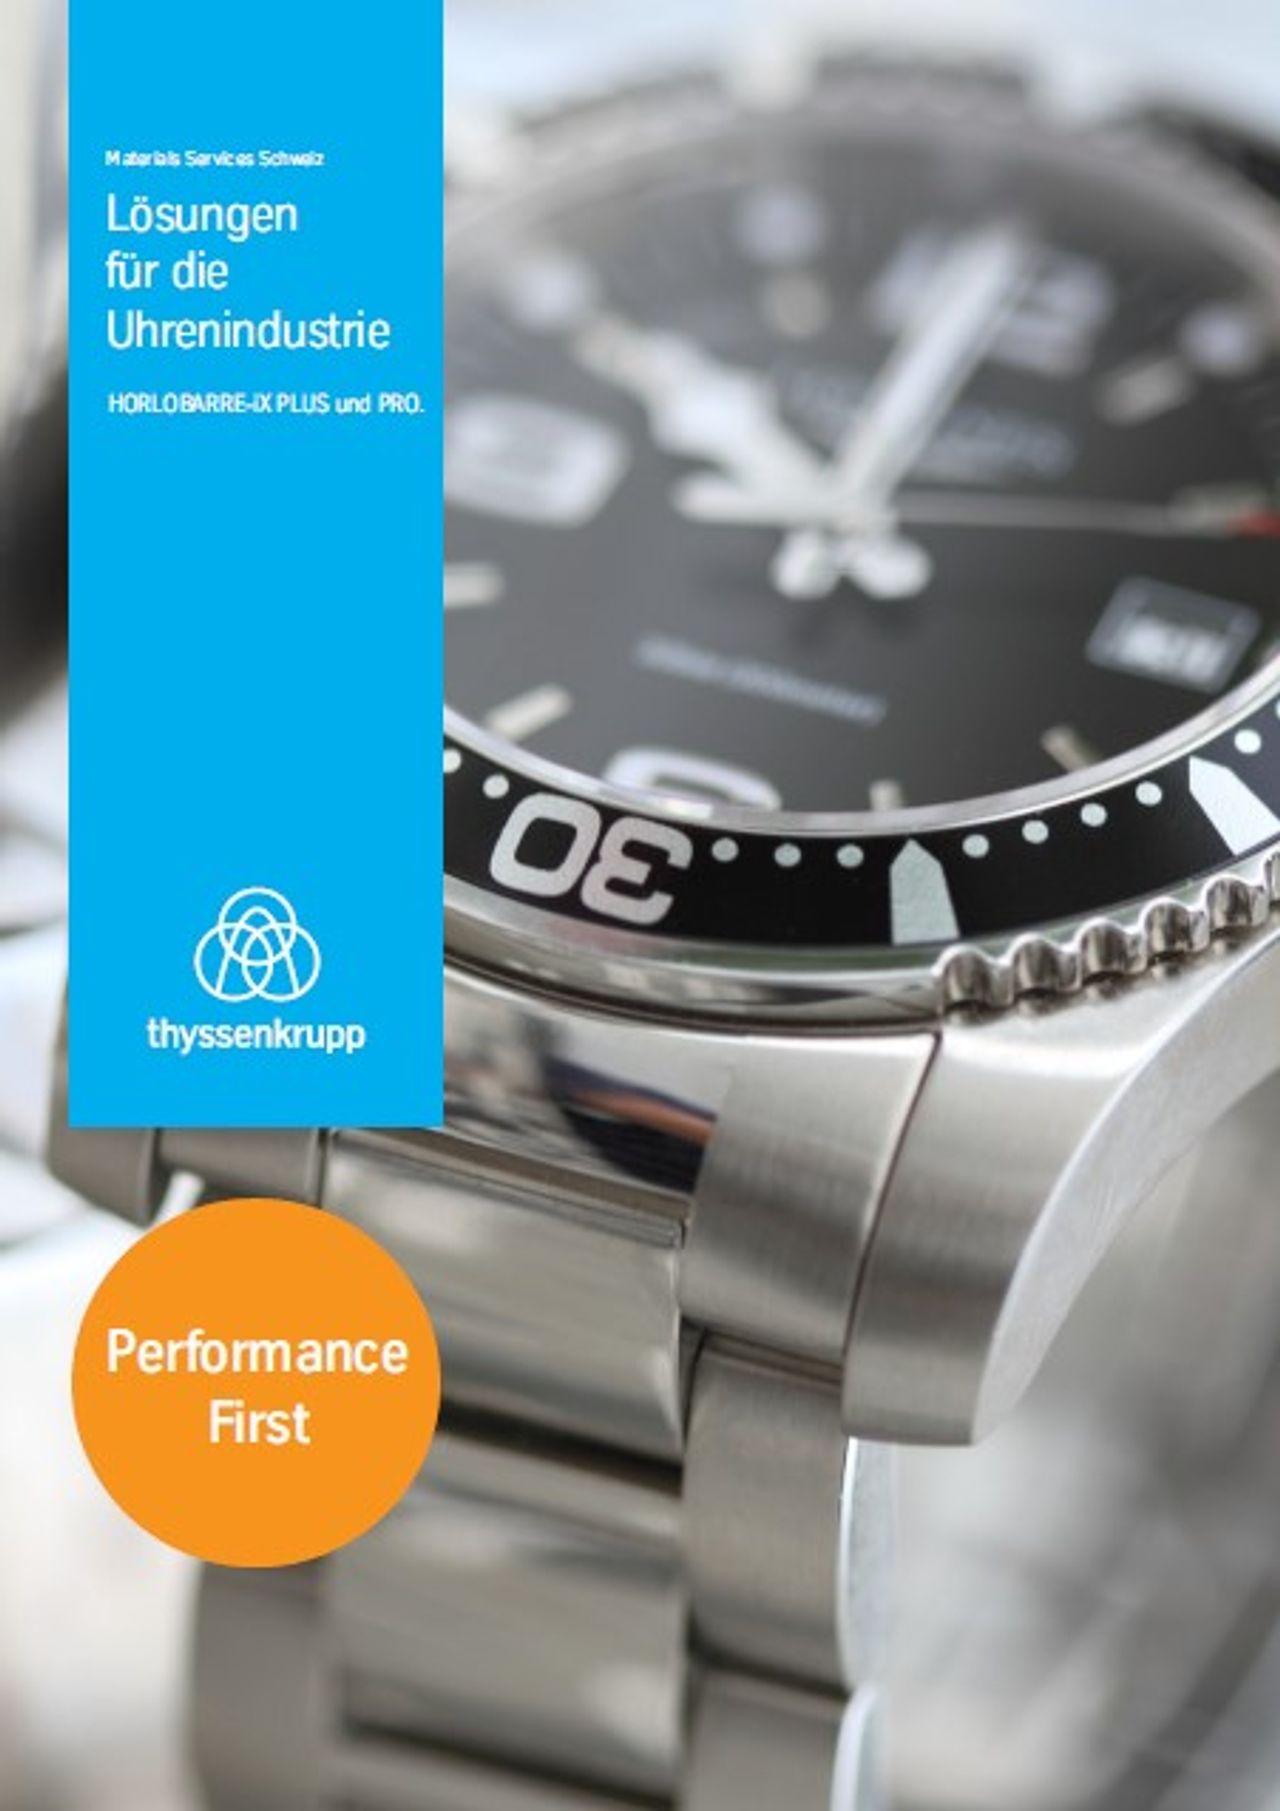 Edelstahl rostfrei für die Uhrenindustrie